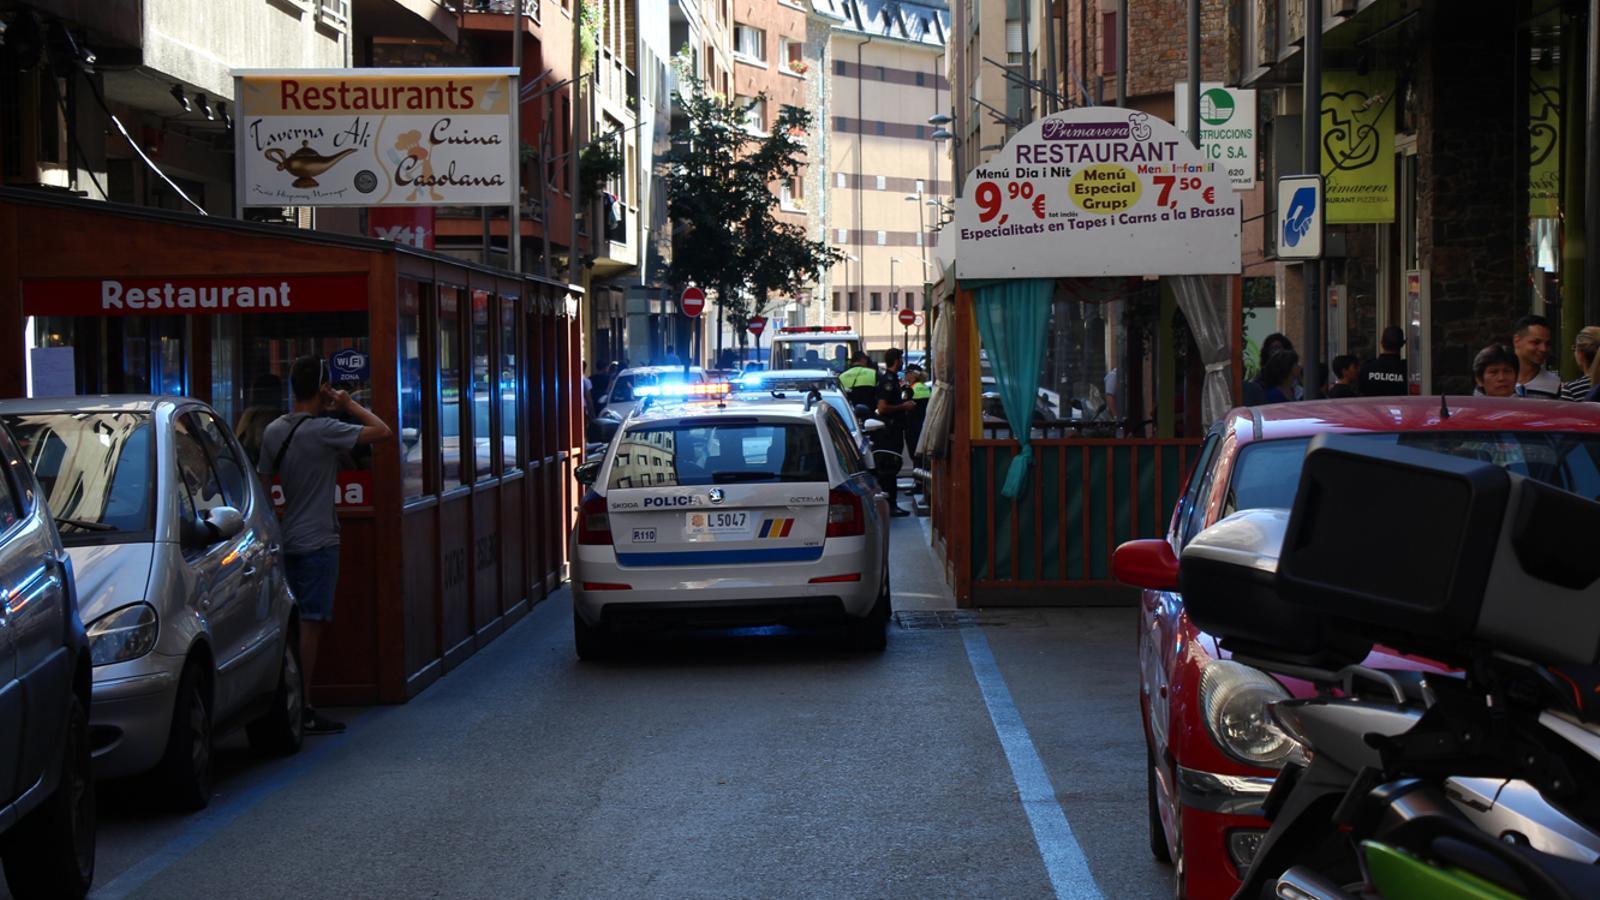 Imatge d'arxiu d'una intervenció policial en un carrer d'Andorra la Vella. / M. B. (ANA)